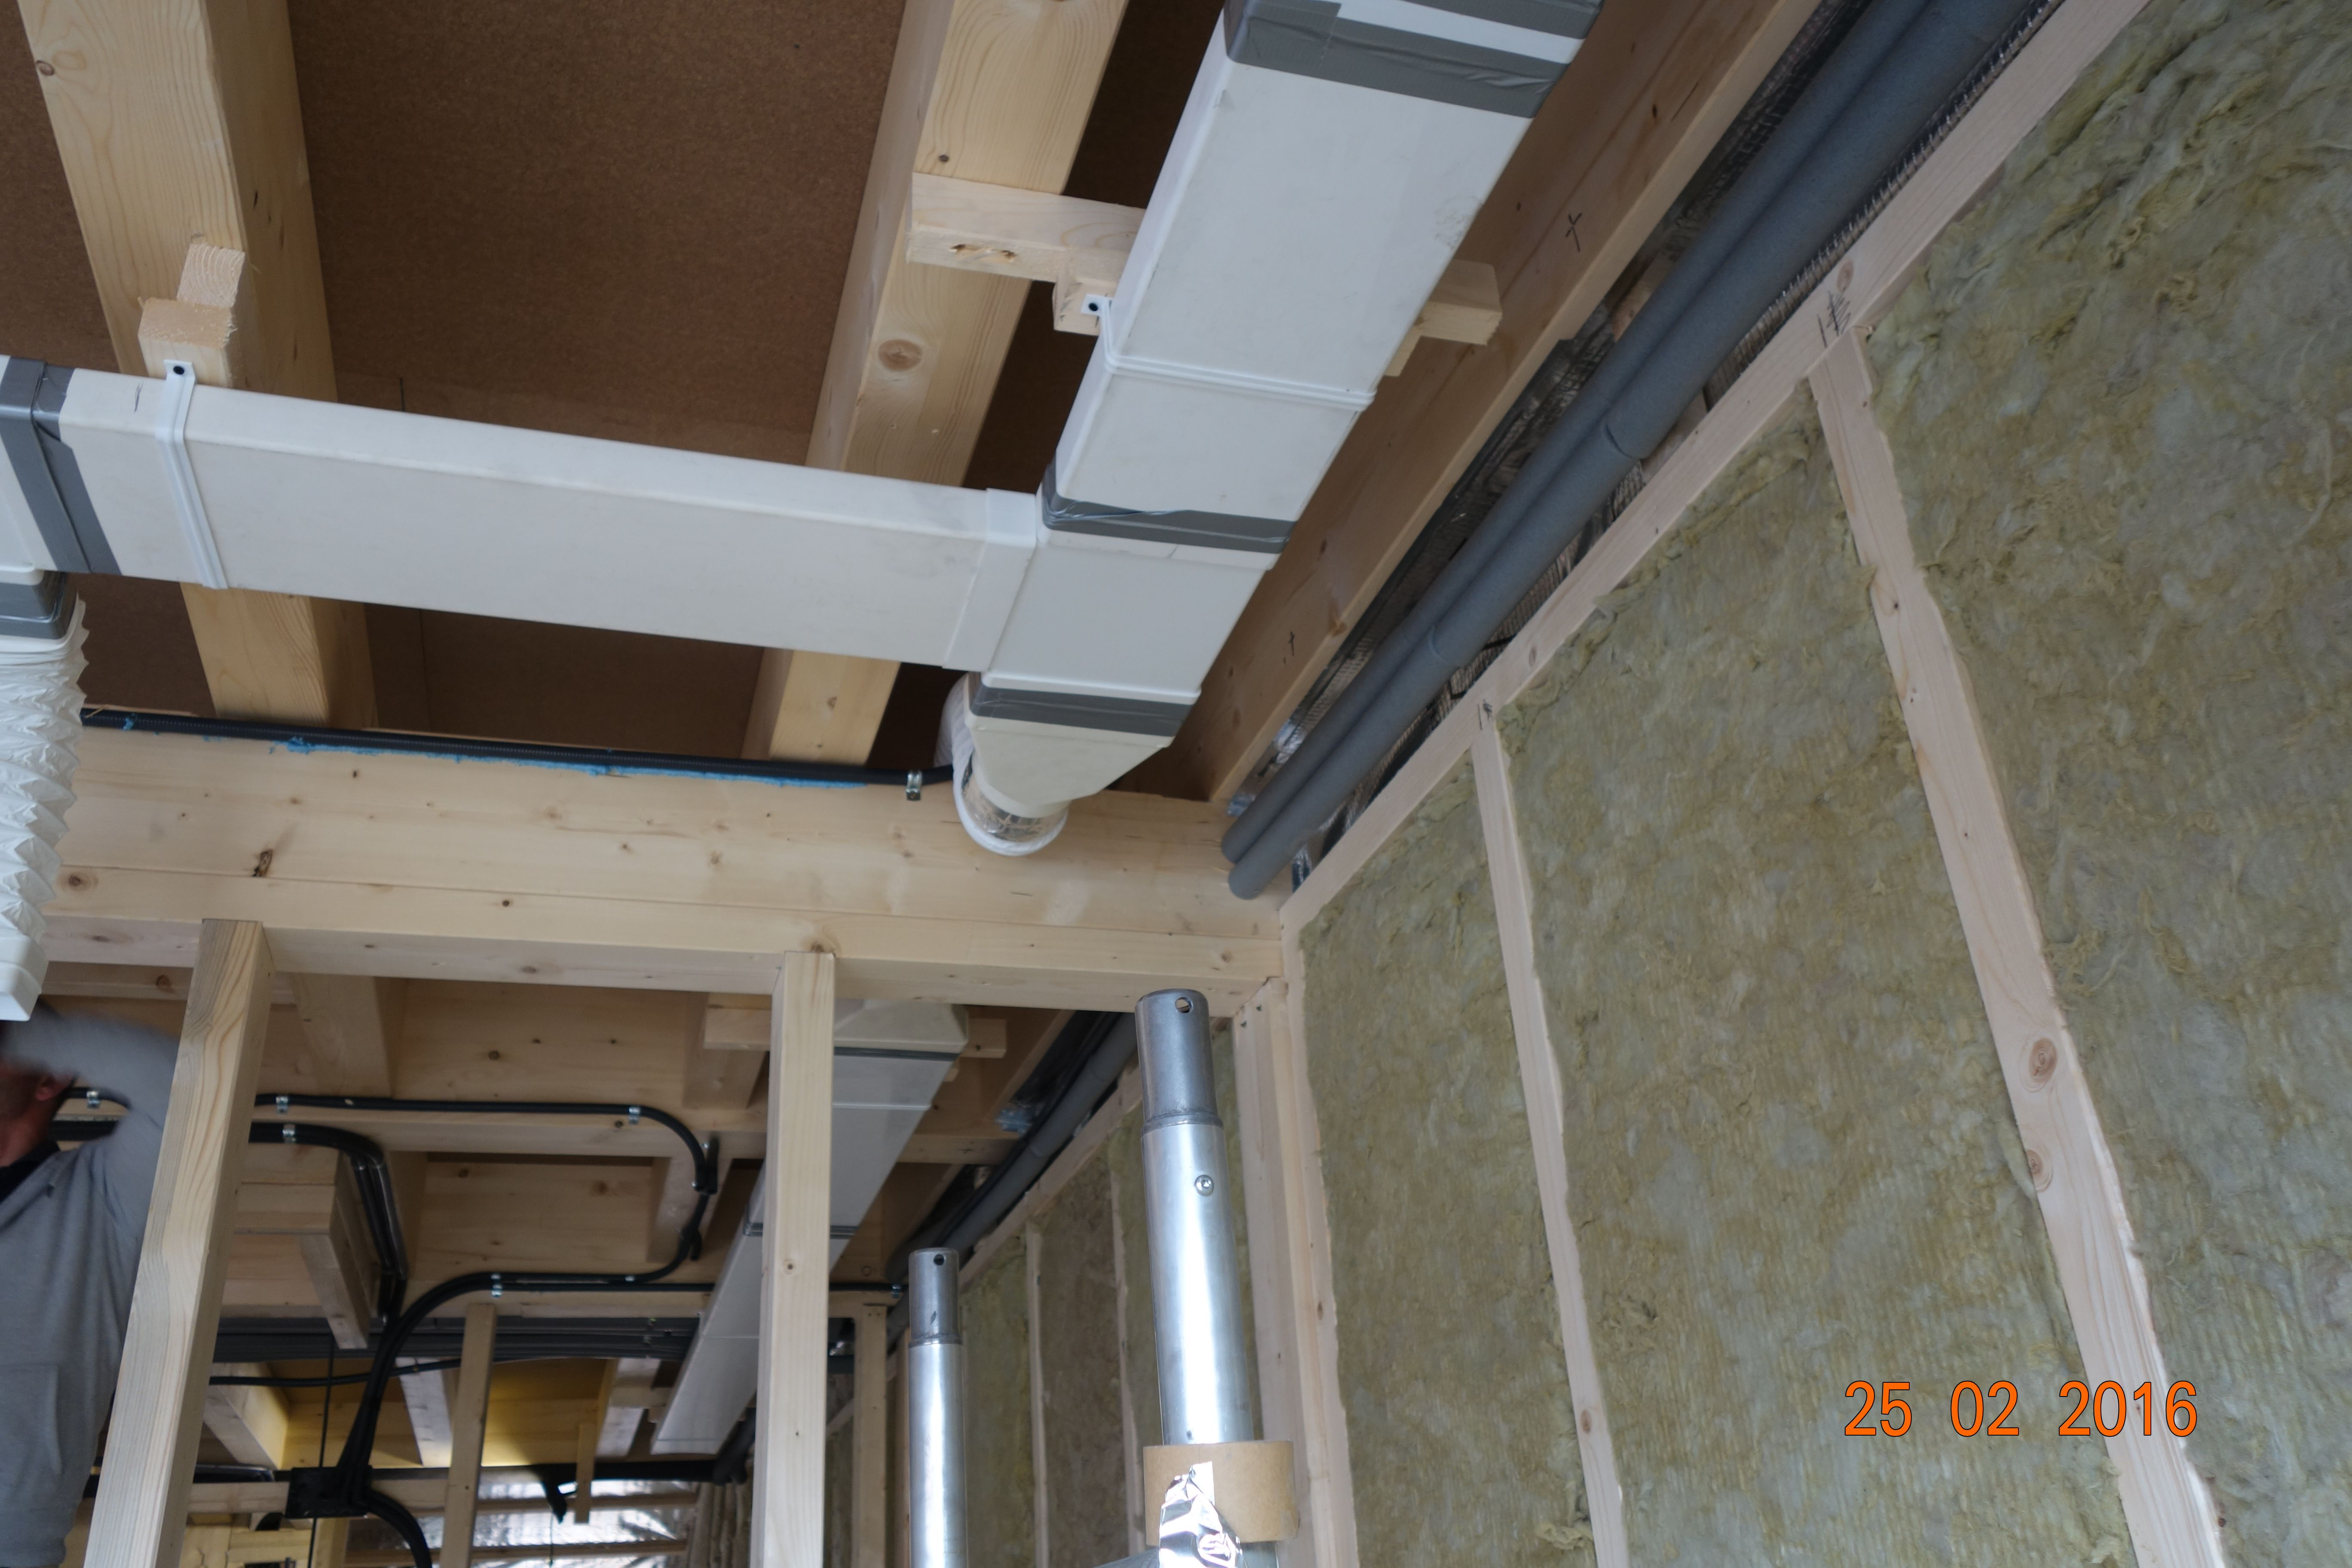 Instalaci n de ventilaci n mec nica controlada con - Ventilacion mecanica controlada ...